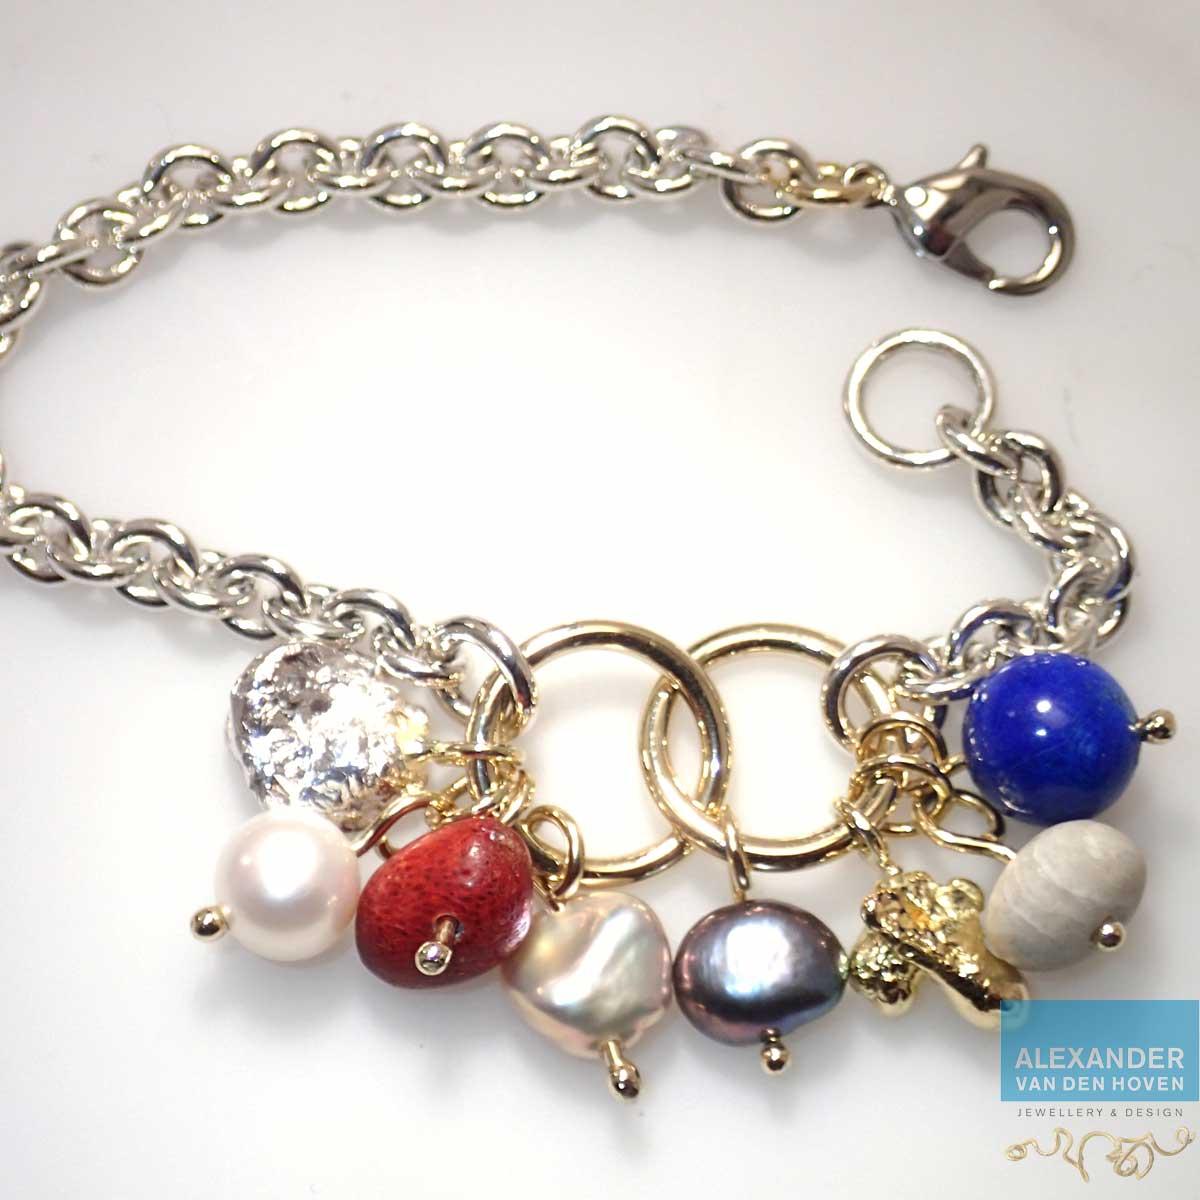 moderne-bedel-armband-parels